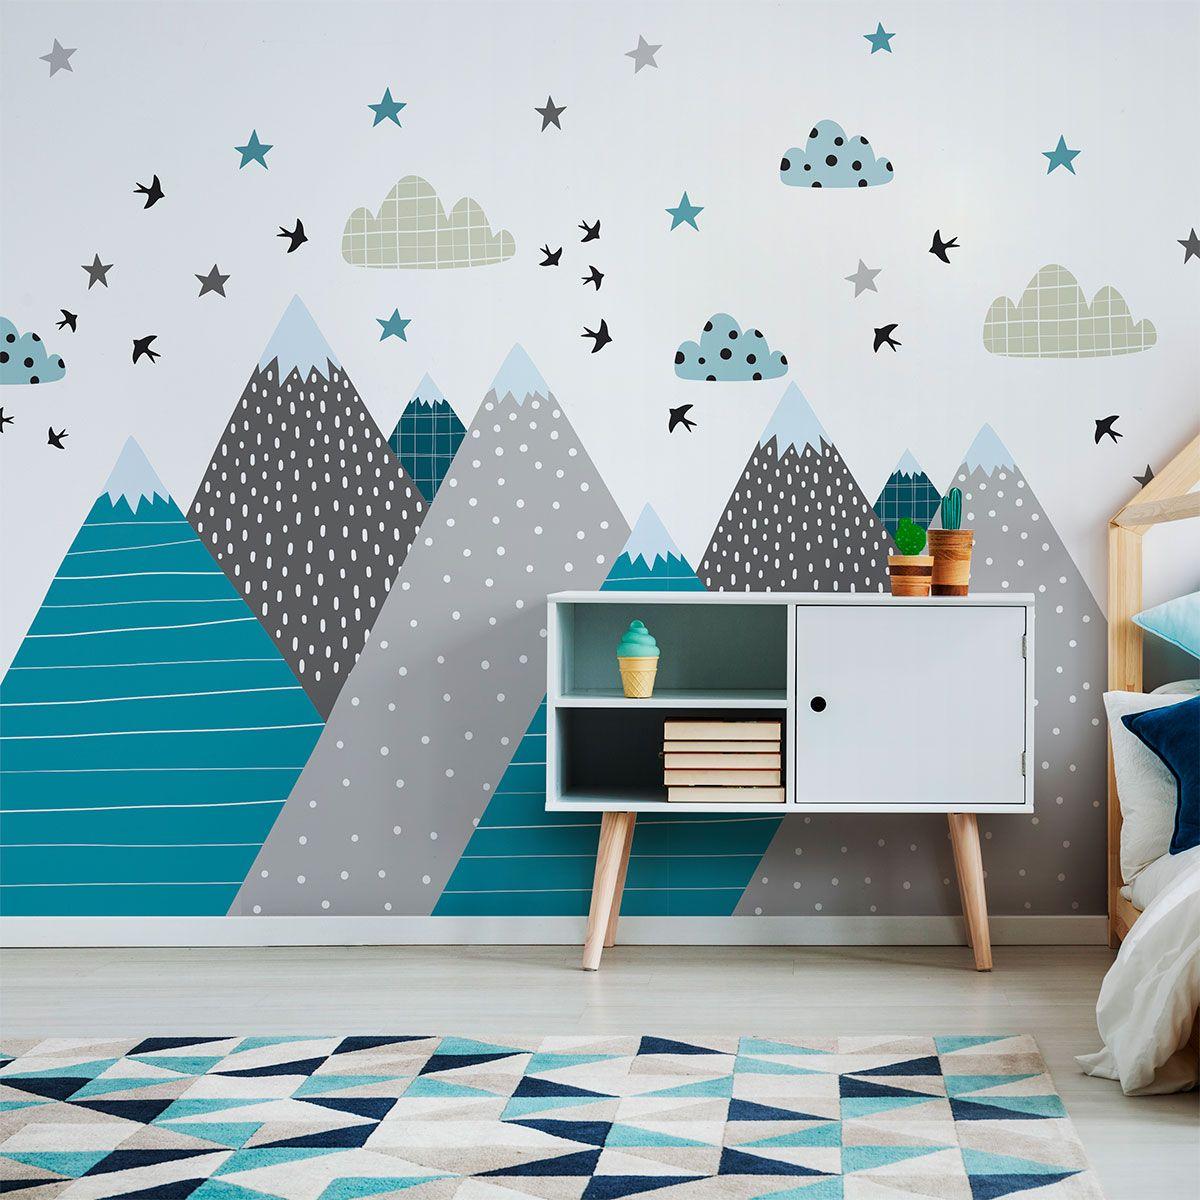 Déco scandinave chambre enfant janeka  Stickers chambre enfant